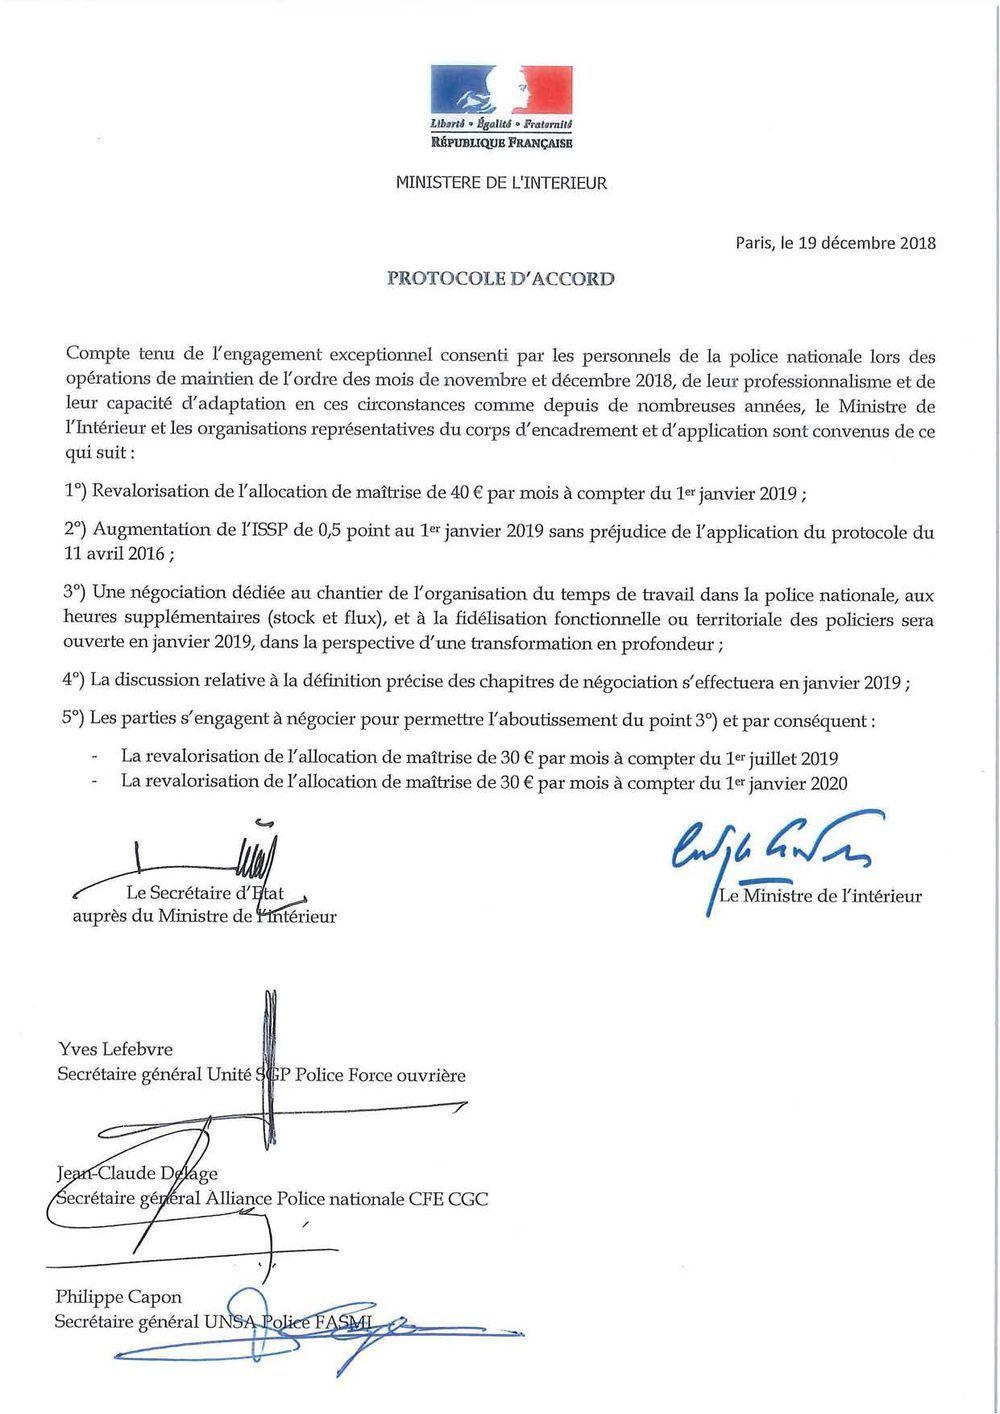 Protocole d'accord du 19 décembre 2018